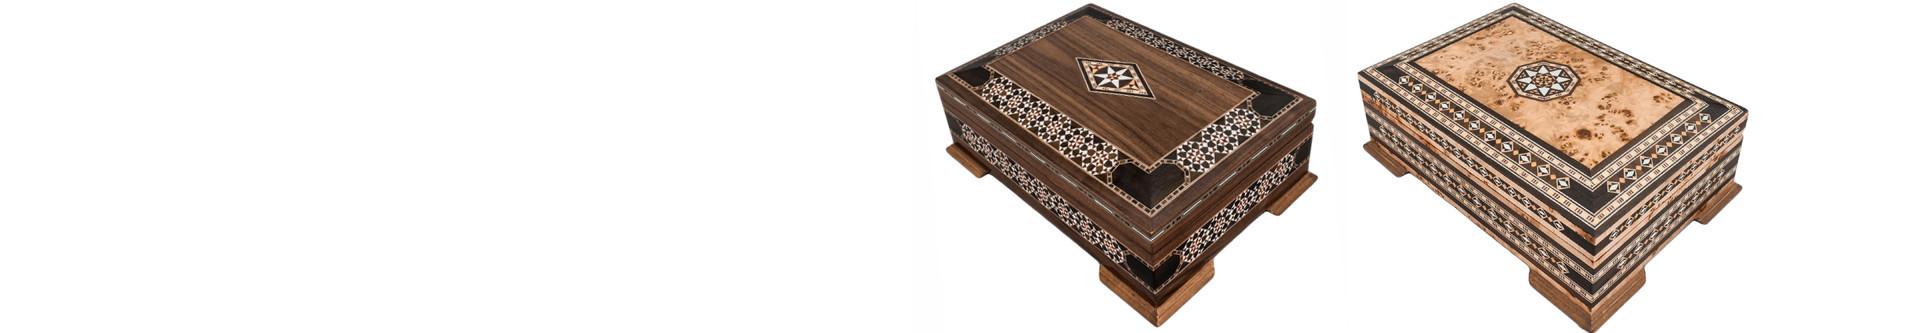 Шкатулки деревянные - купить в интернет-магазине настольных игр ручной работы ❤